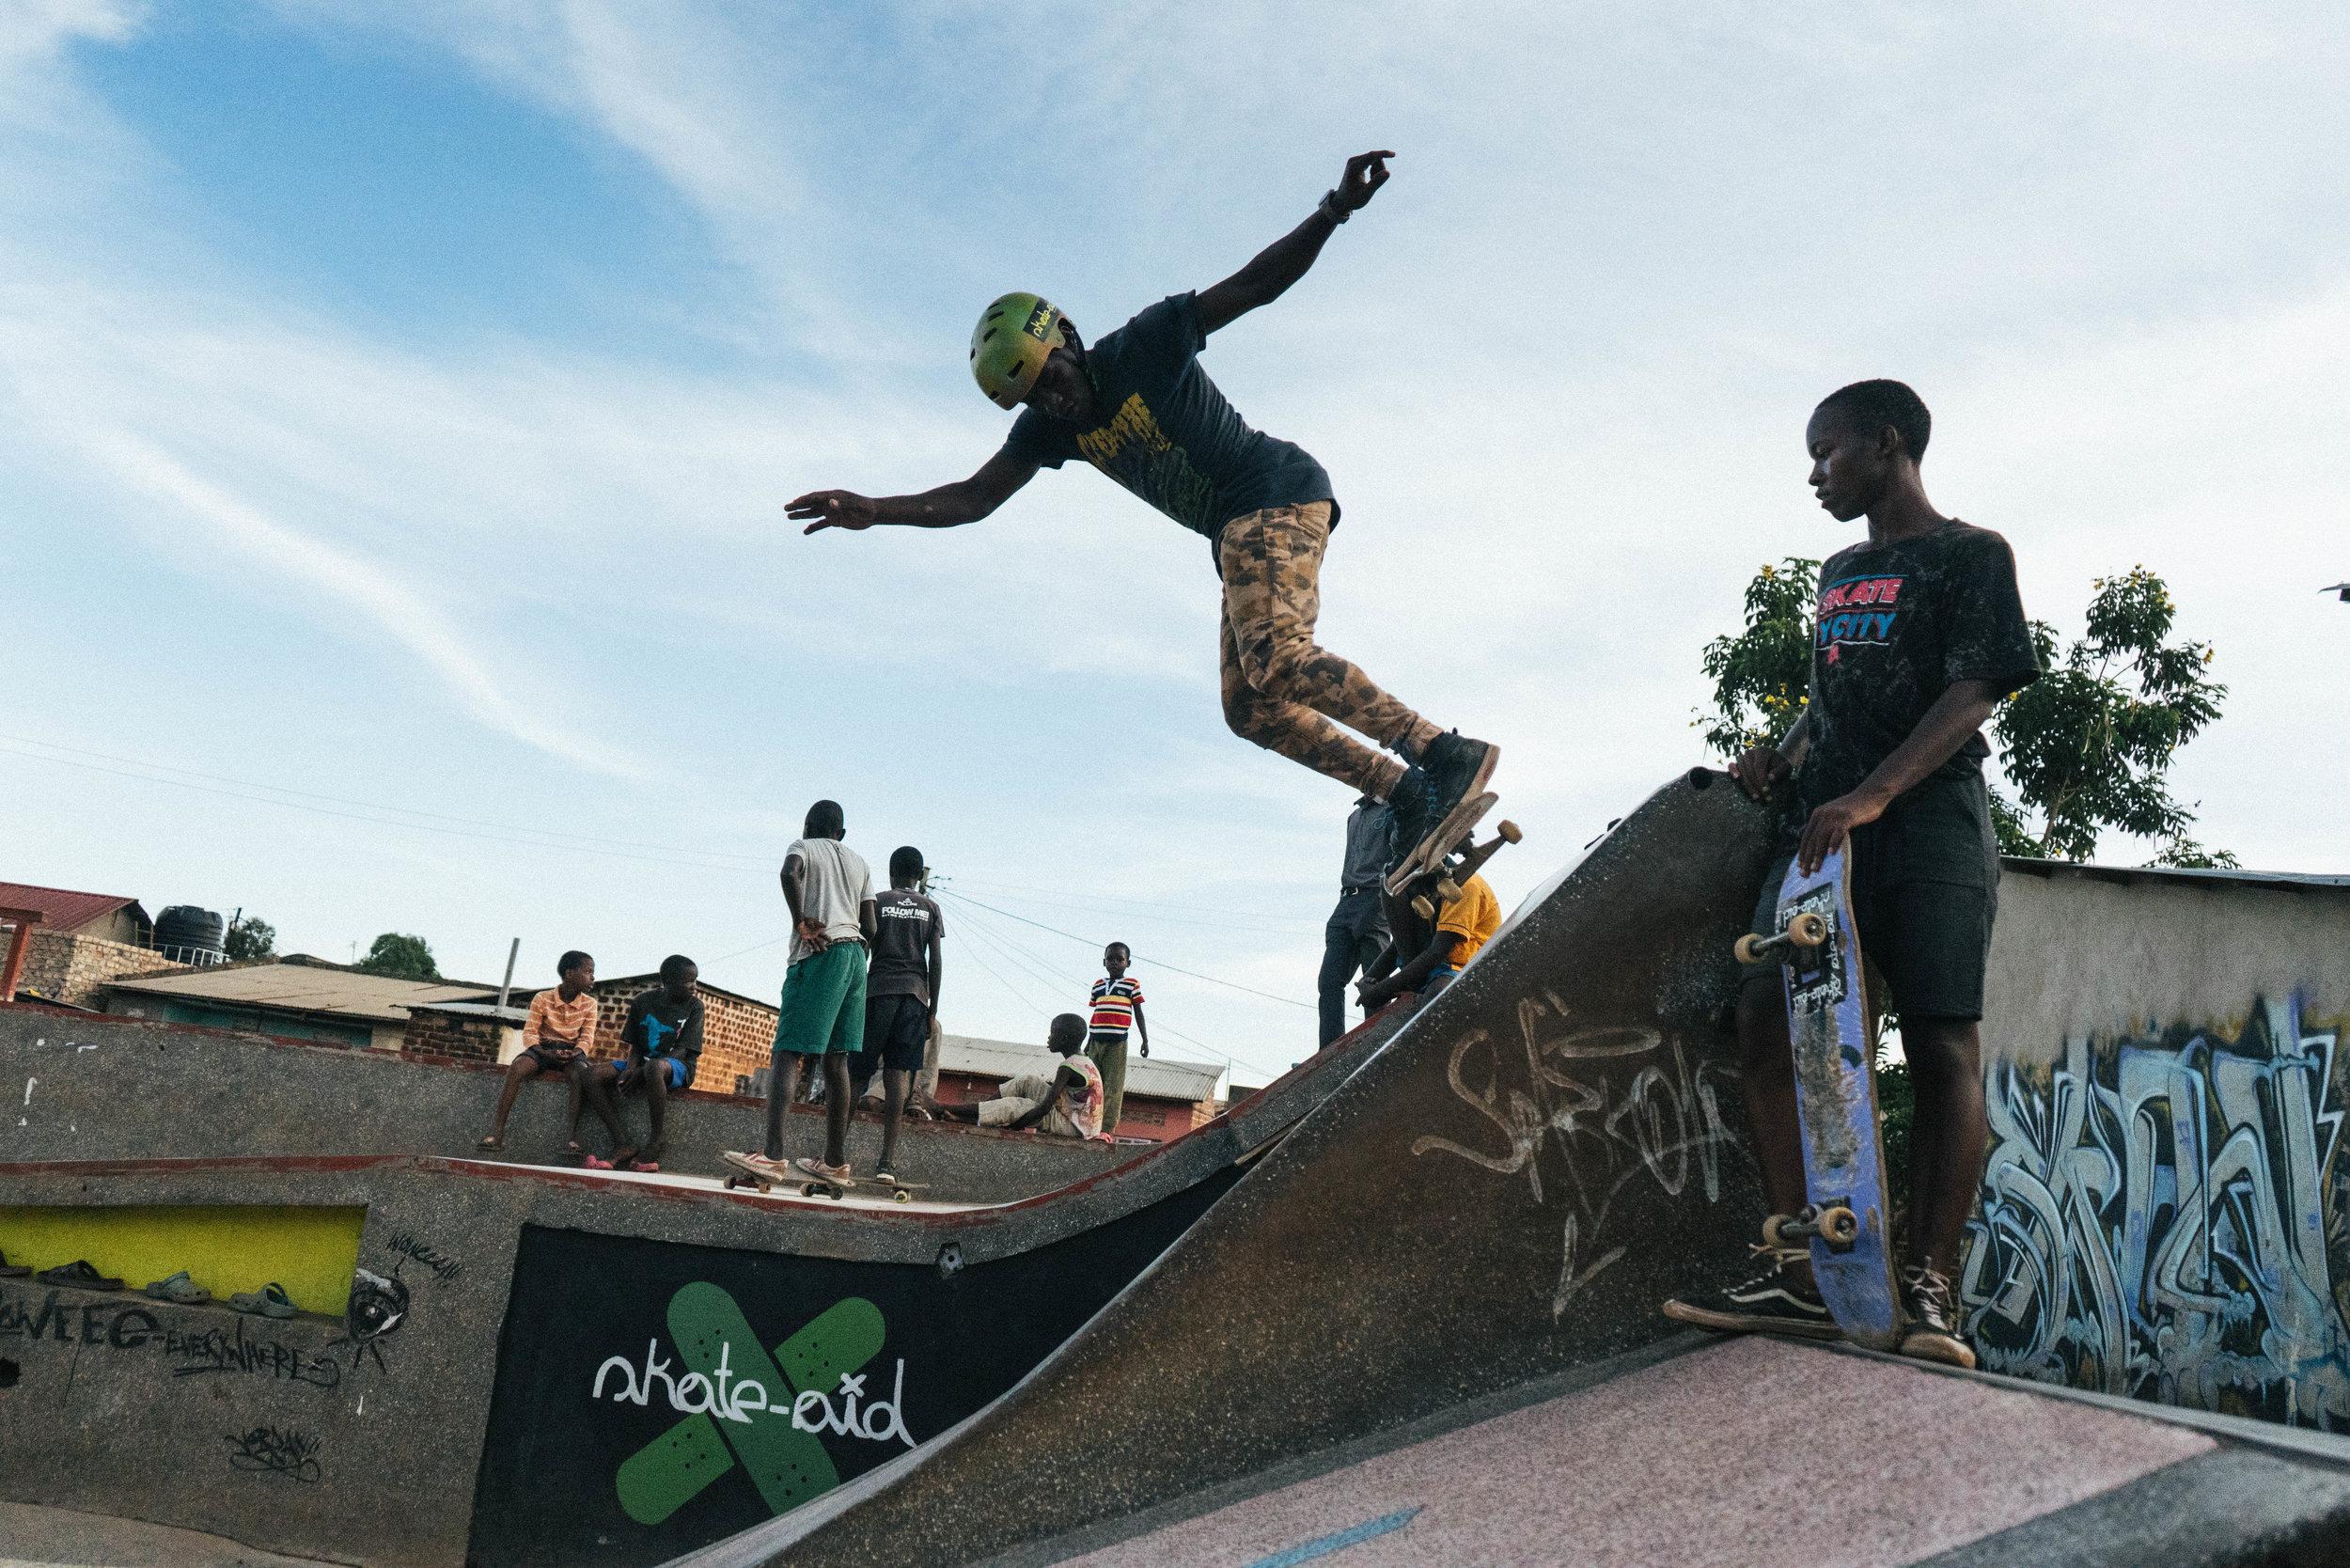 Skate Park -